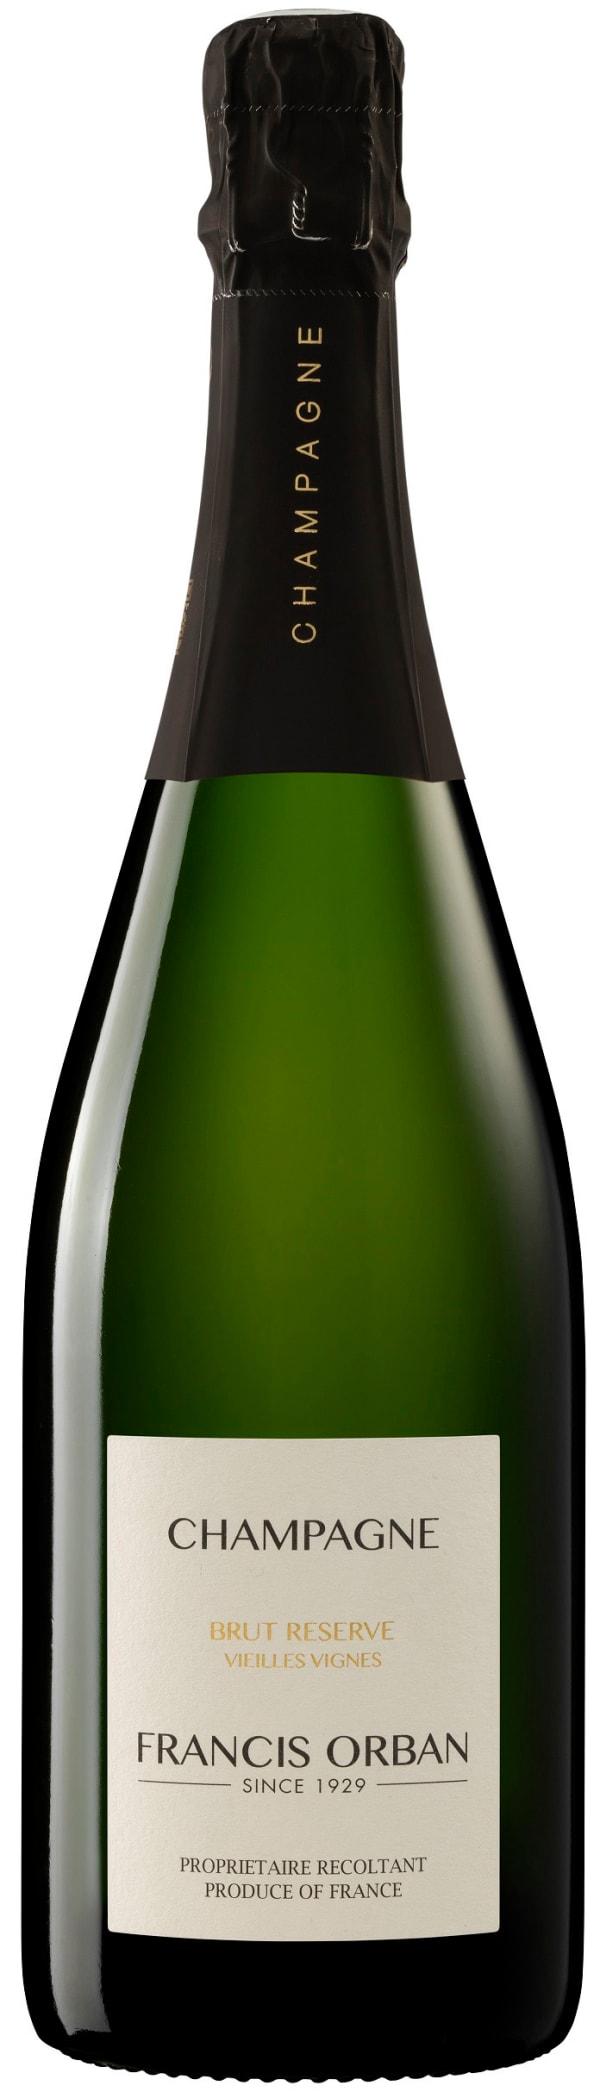 Francis Orban Vieilles Vignes Réserve Champagne Brut